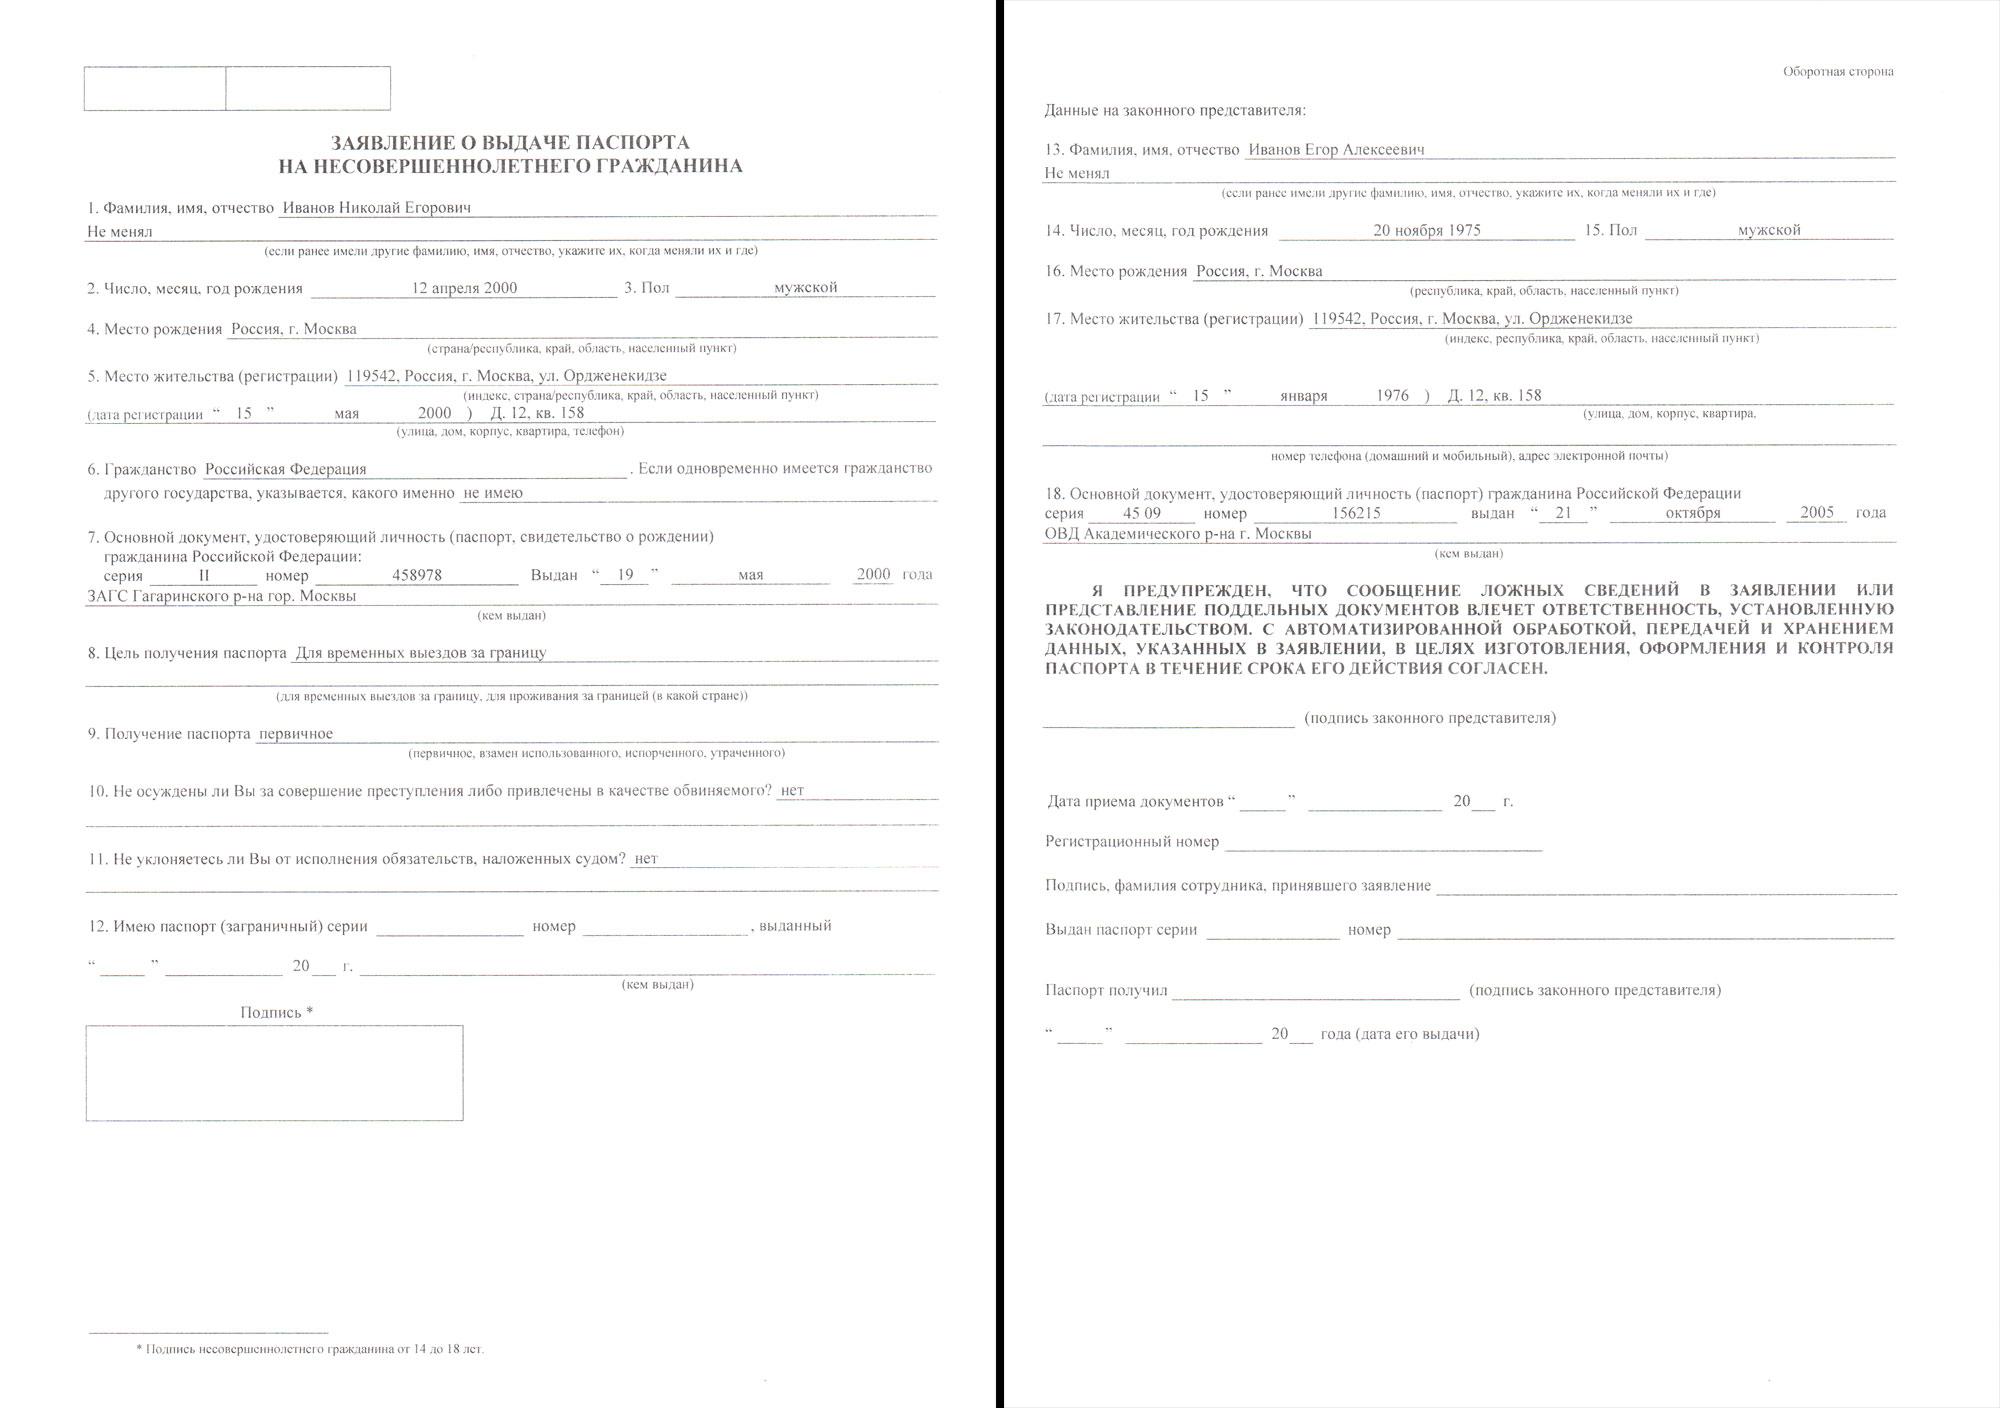 Заявление о выдаче загранпаспорта на несовершеннолетнего гражданина